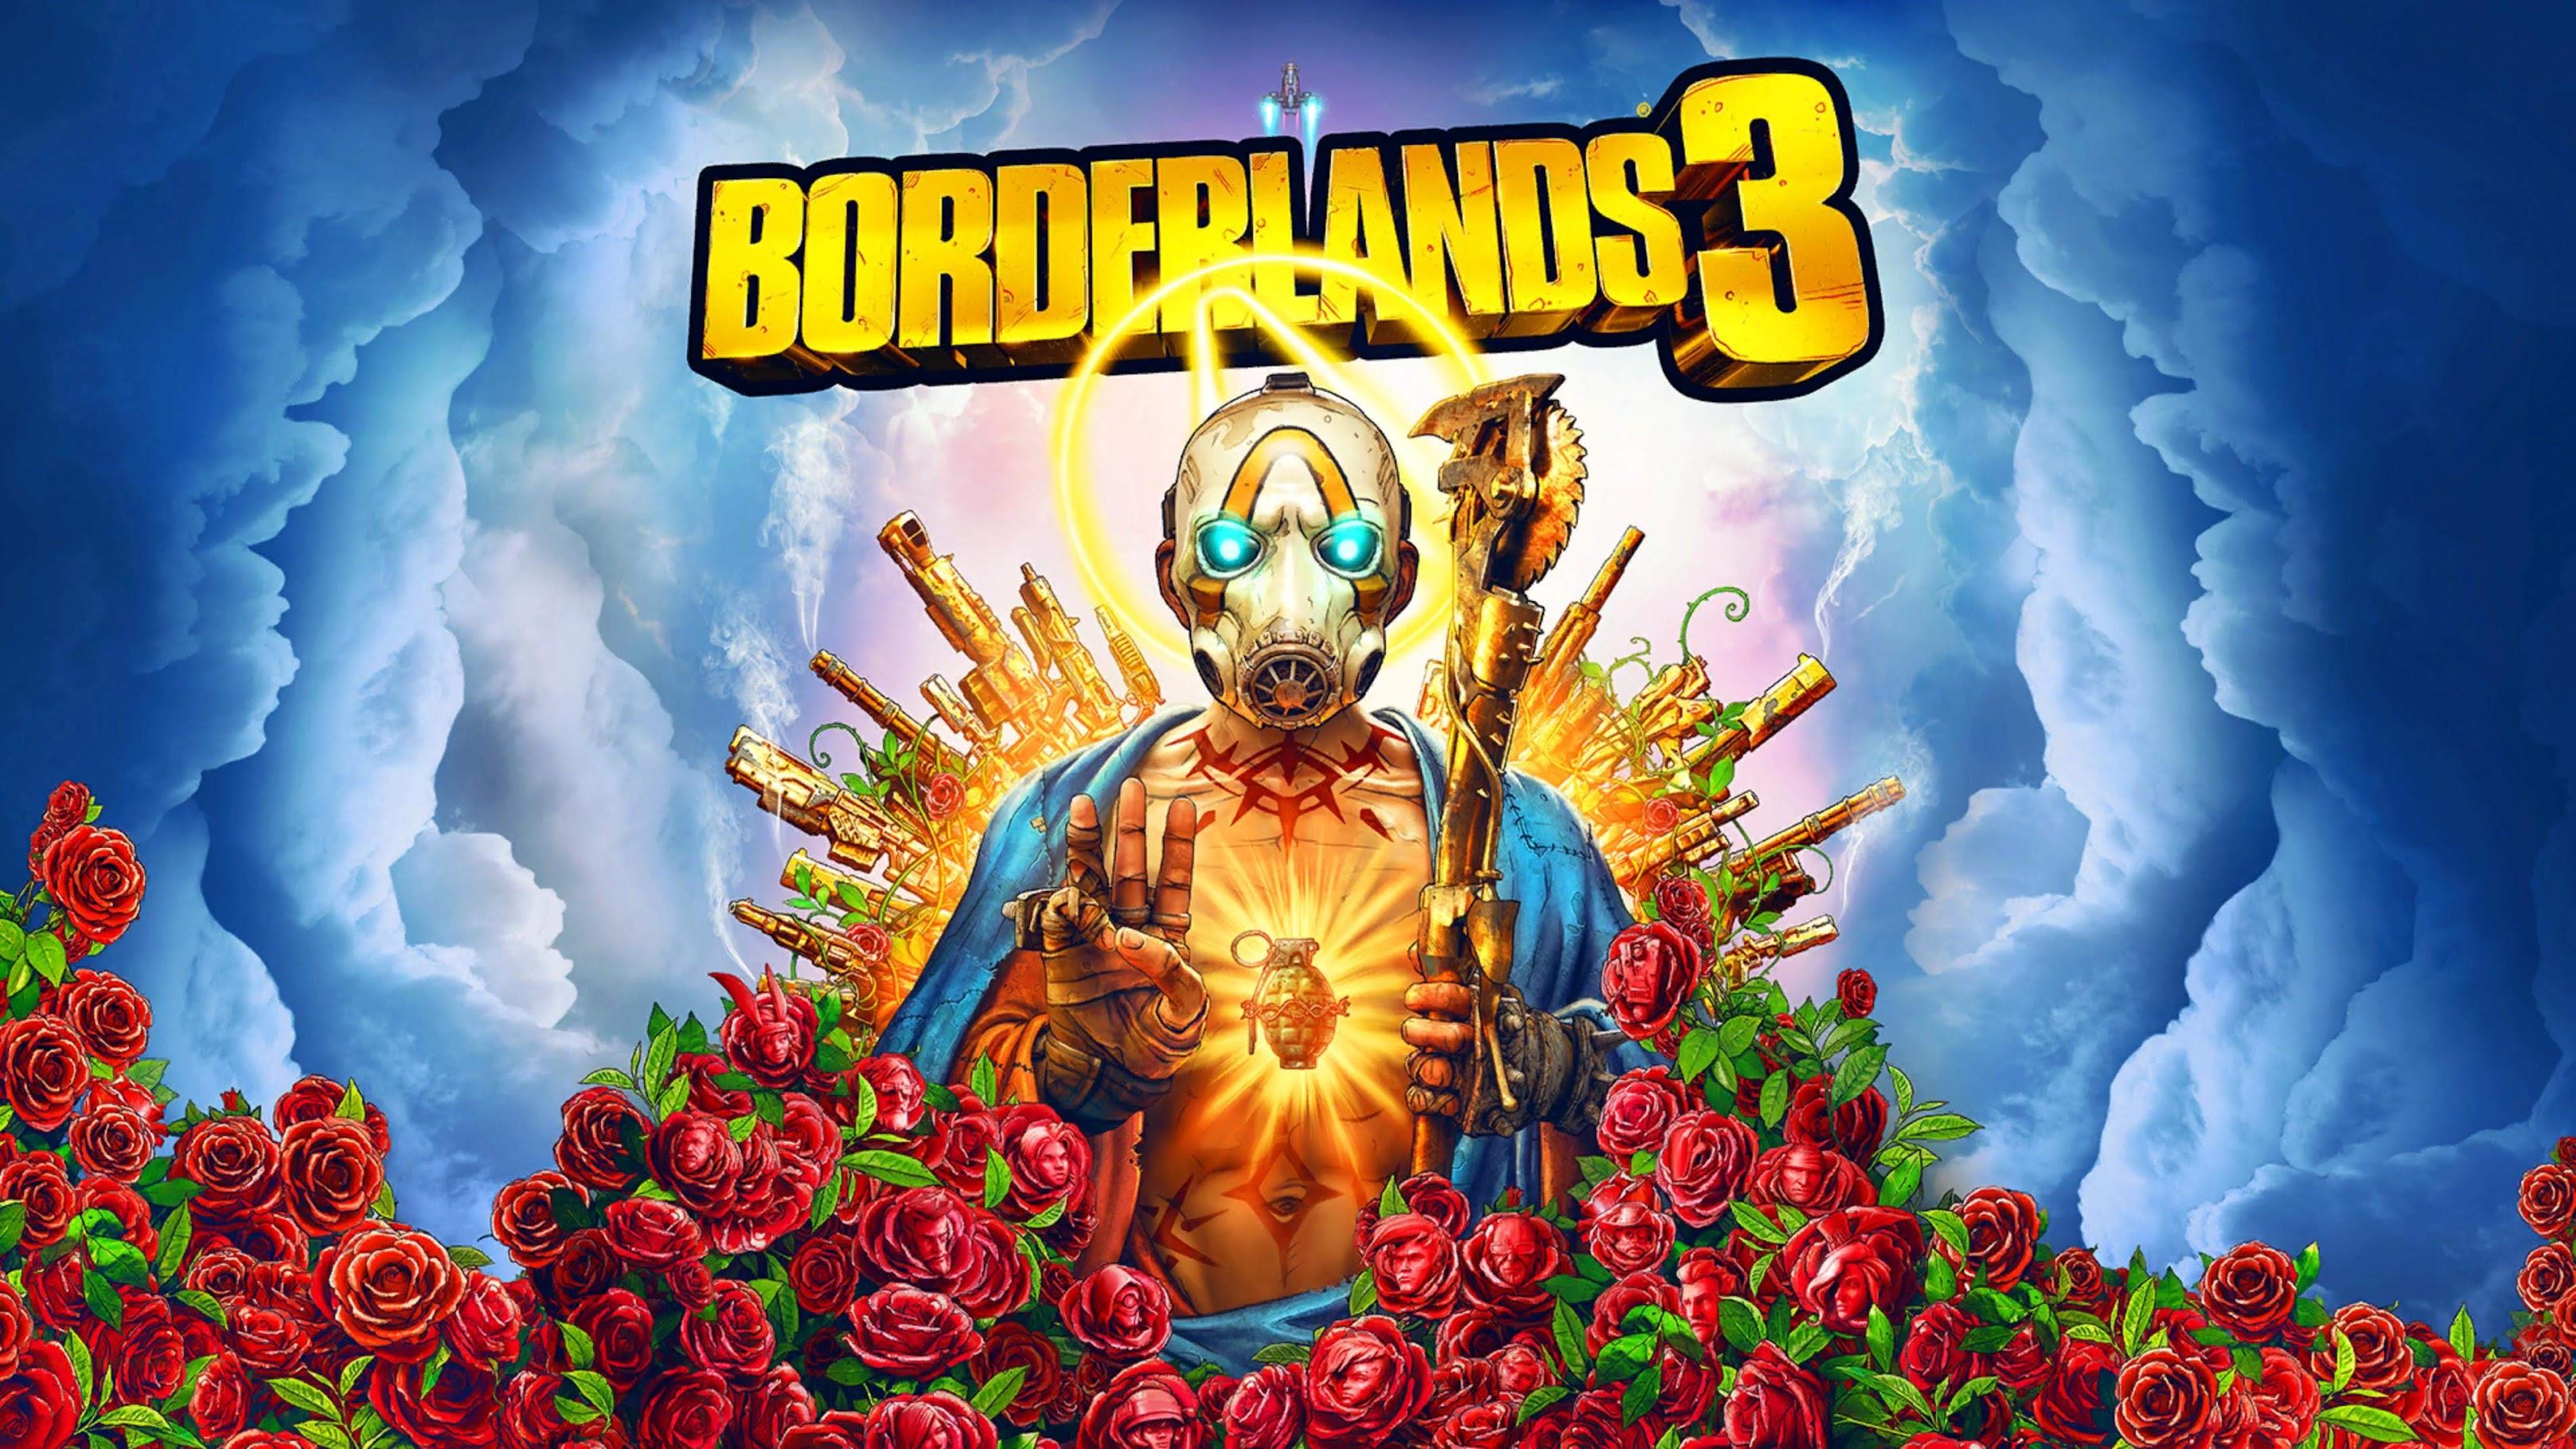 PS4 - Borderlands 3 その53 とりあえずLv60まで上げよう